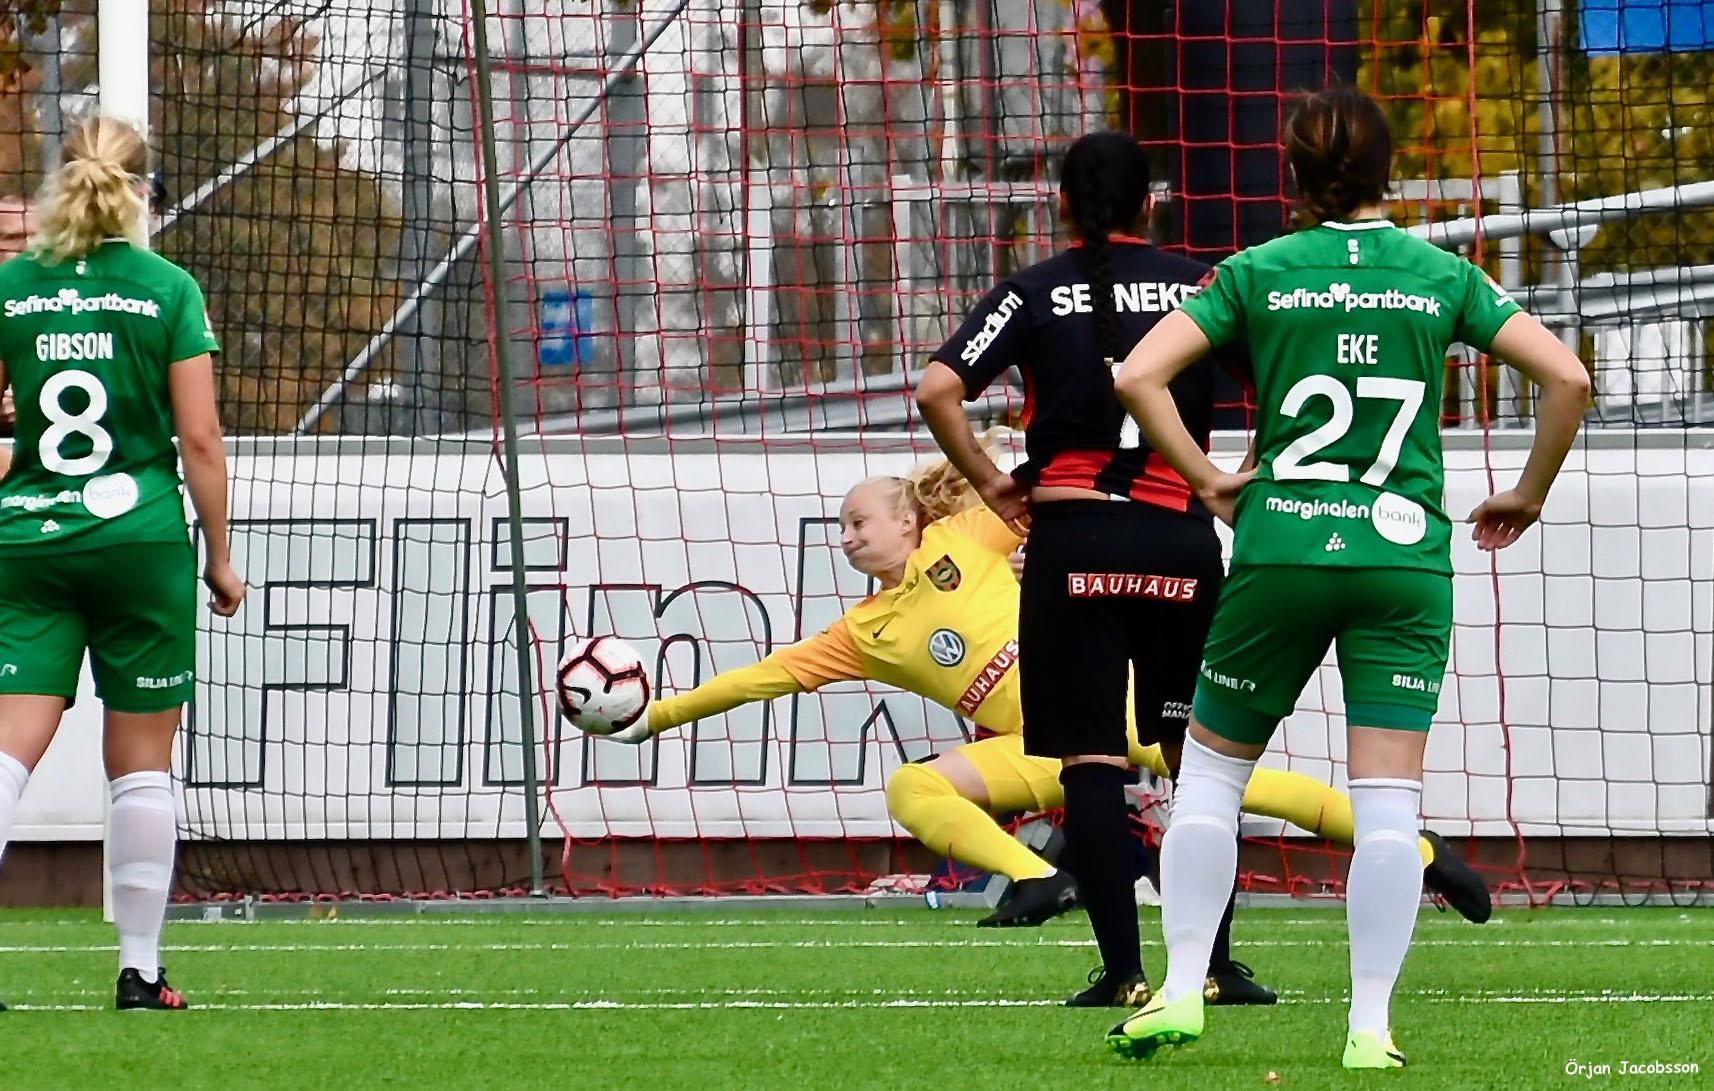 BP-Hammarby IF FF